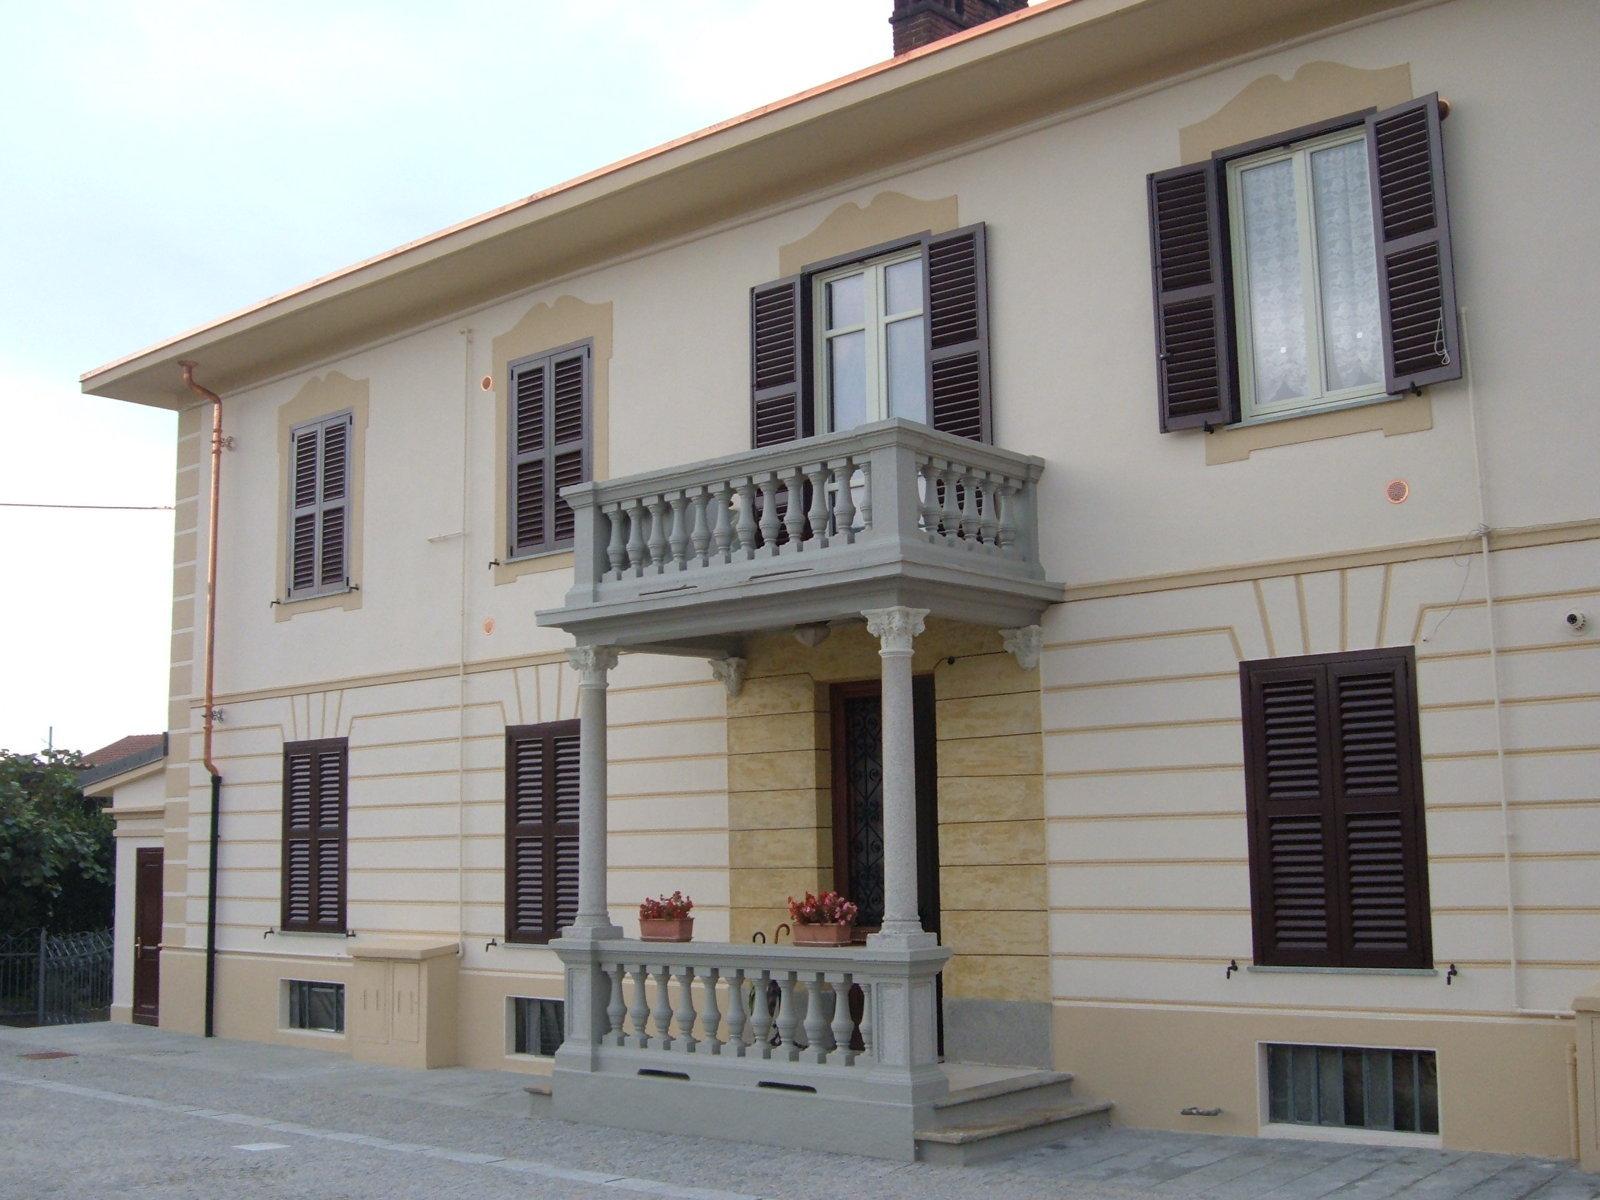 ingresso di un edificio decorato con pietra